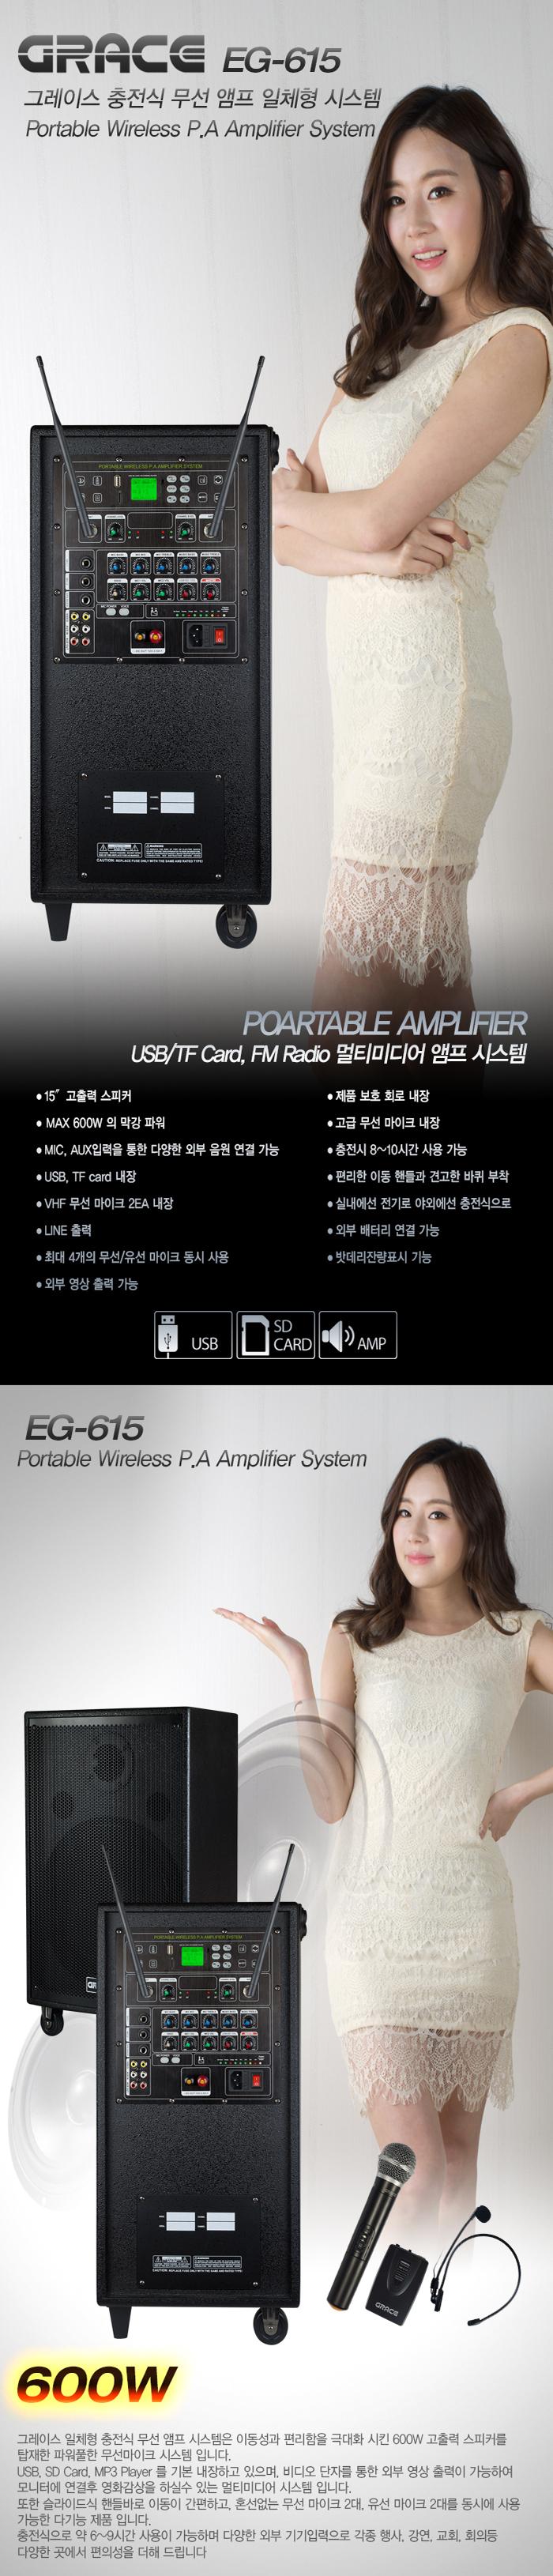 EG-615-2.jpg